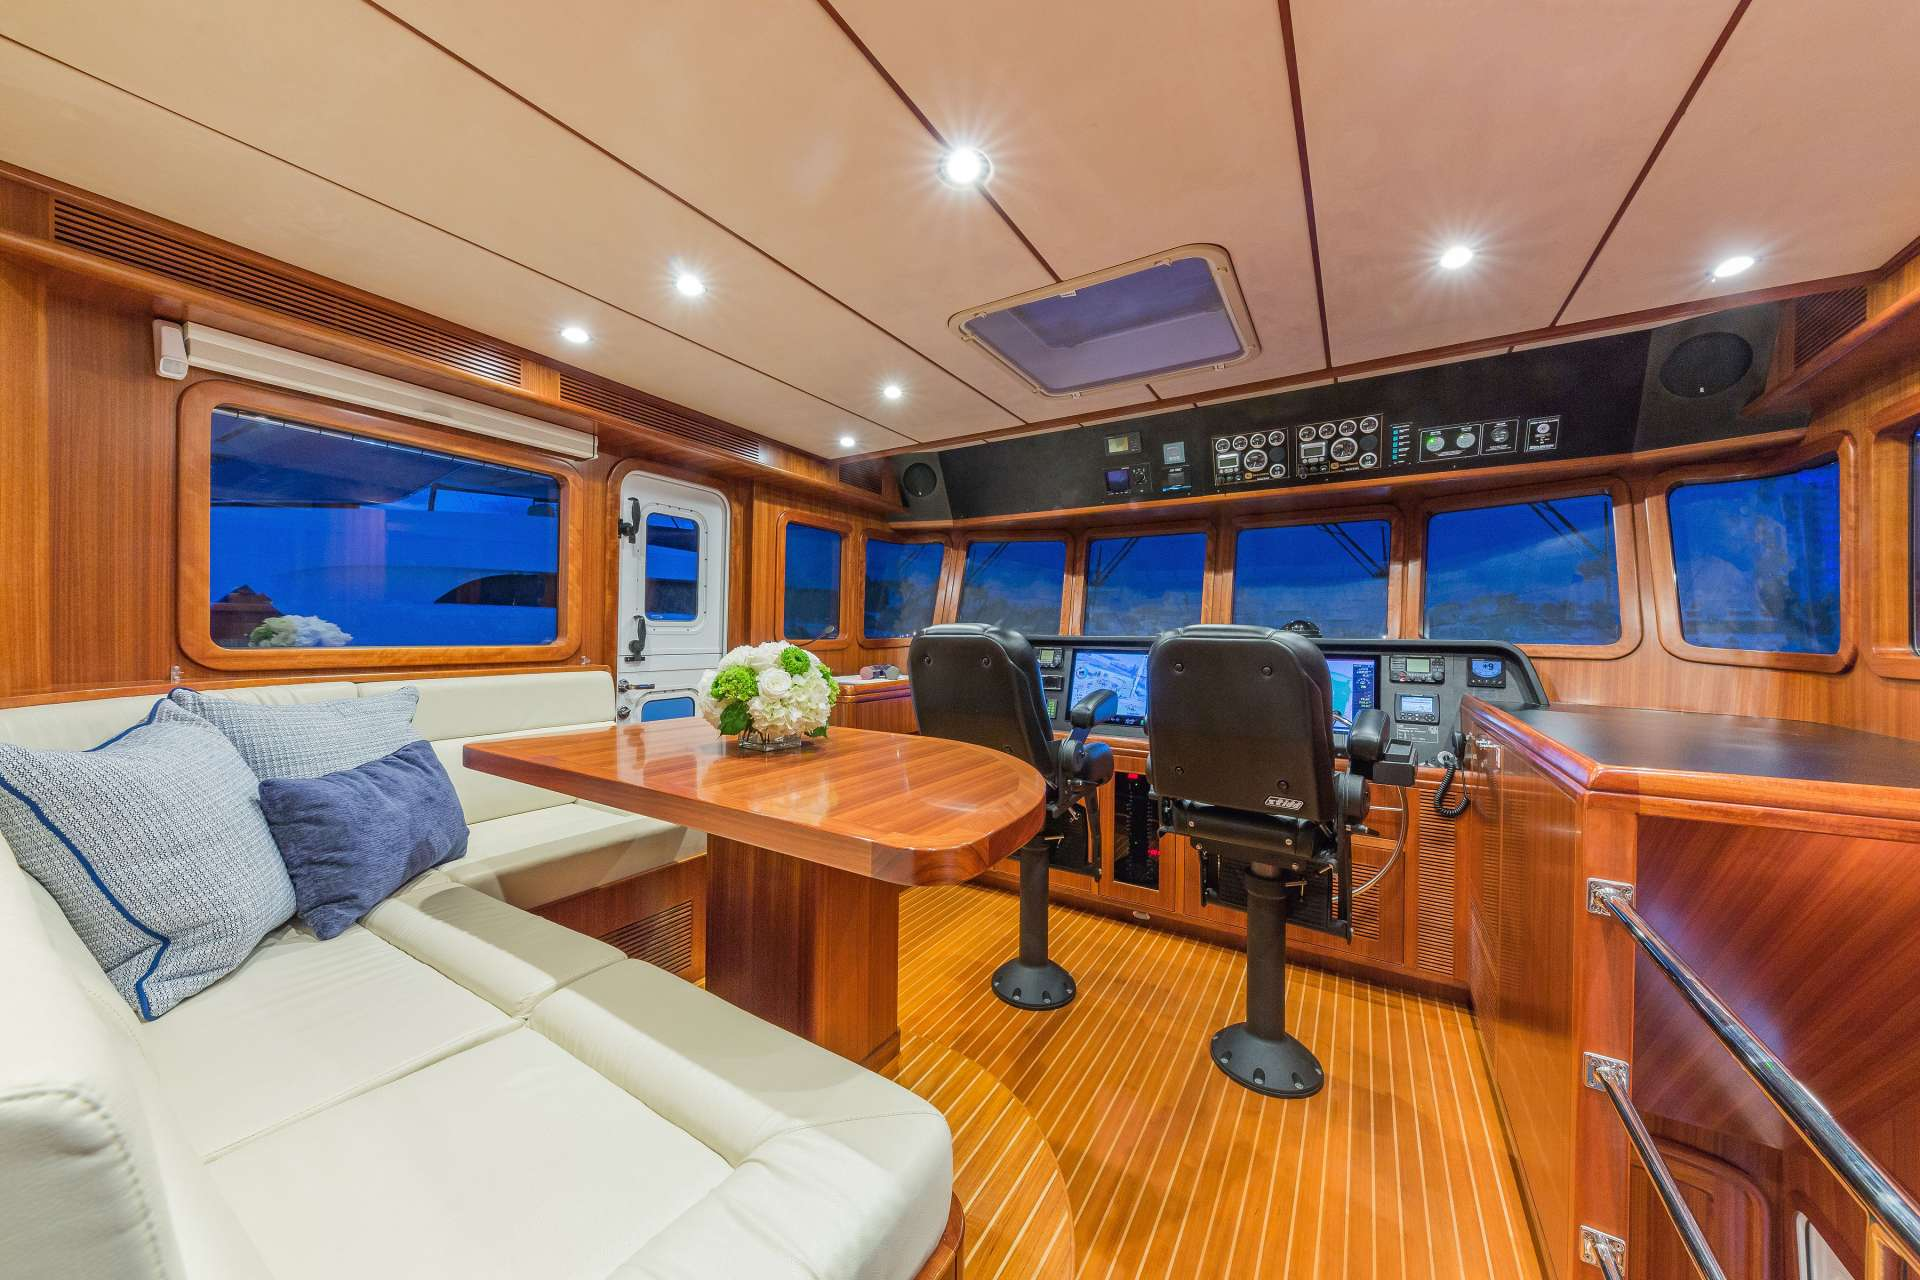 ASTURIAS yacht image # 4